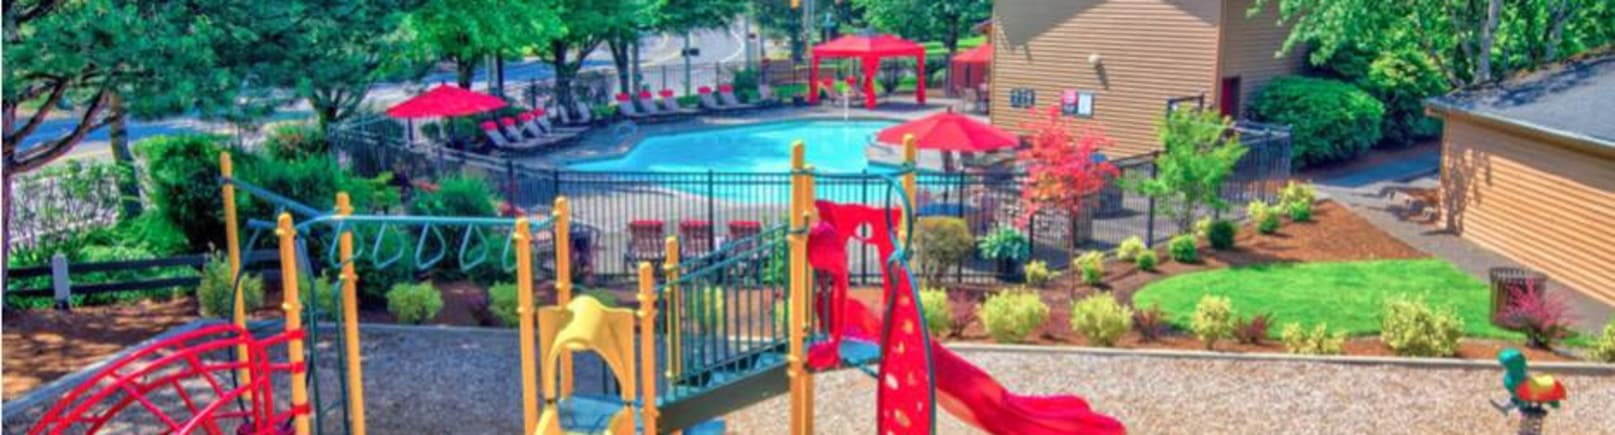 Pool at Vista at 23 Apartments